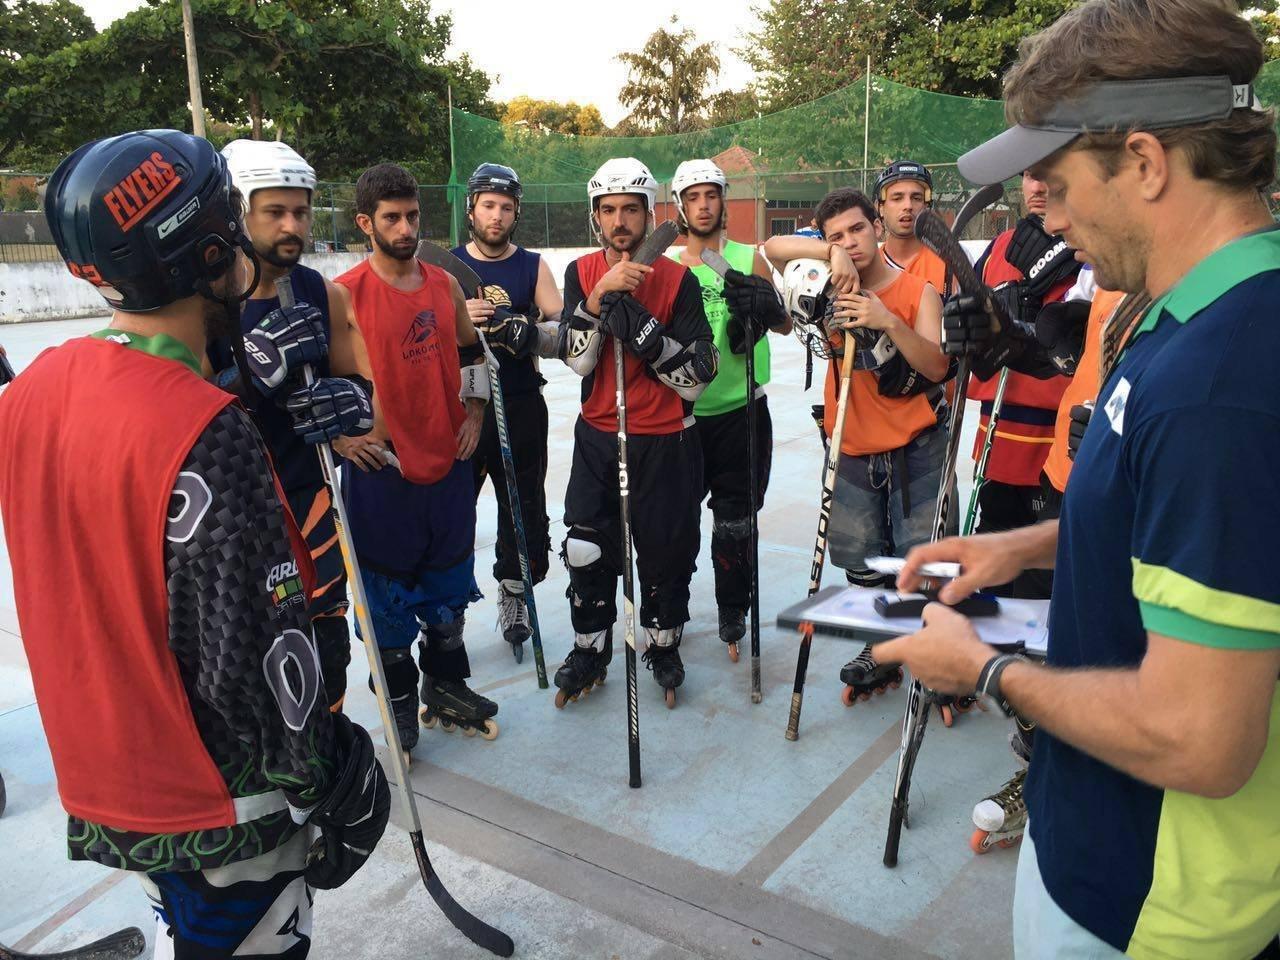 Equipe do Lokomotiv Rio conta com escolinha de hóquei para crianças e adultos